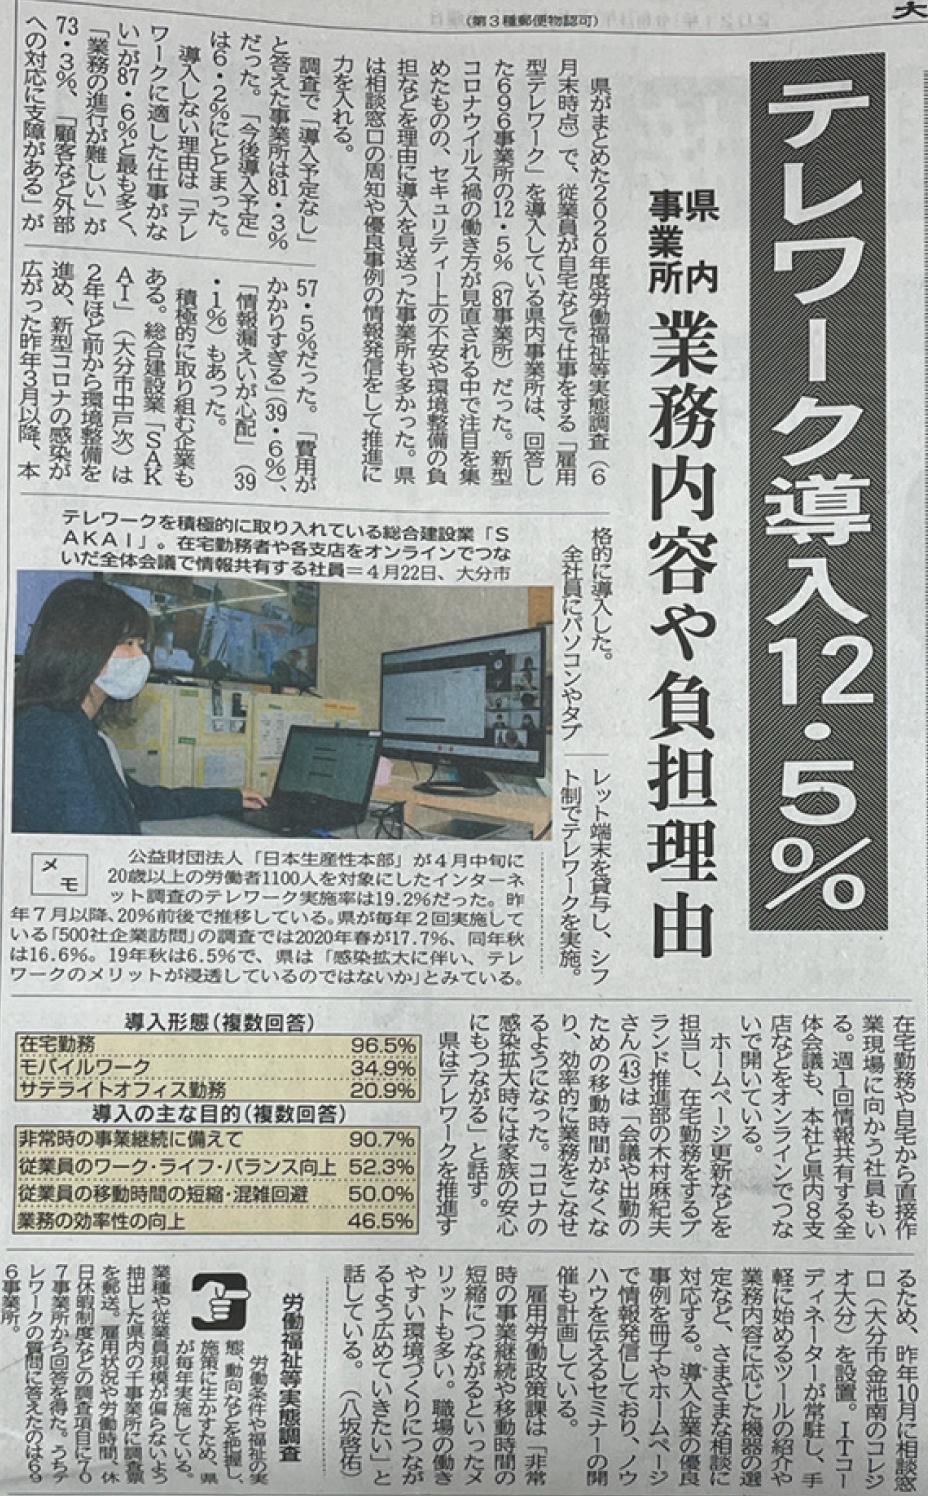 SAKAIのテレワーク取材記事